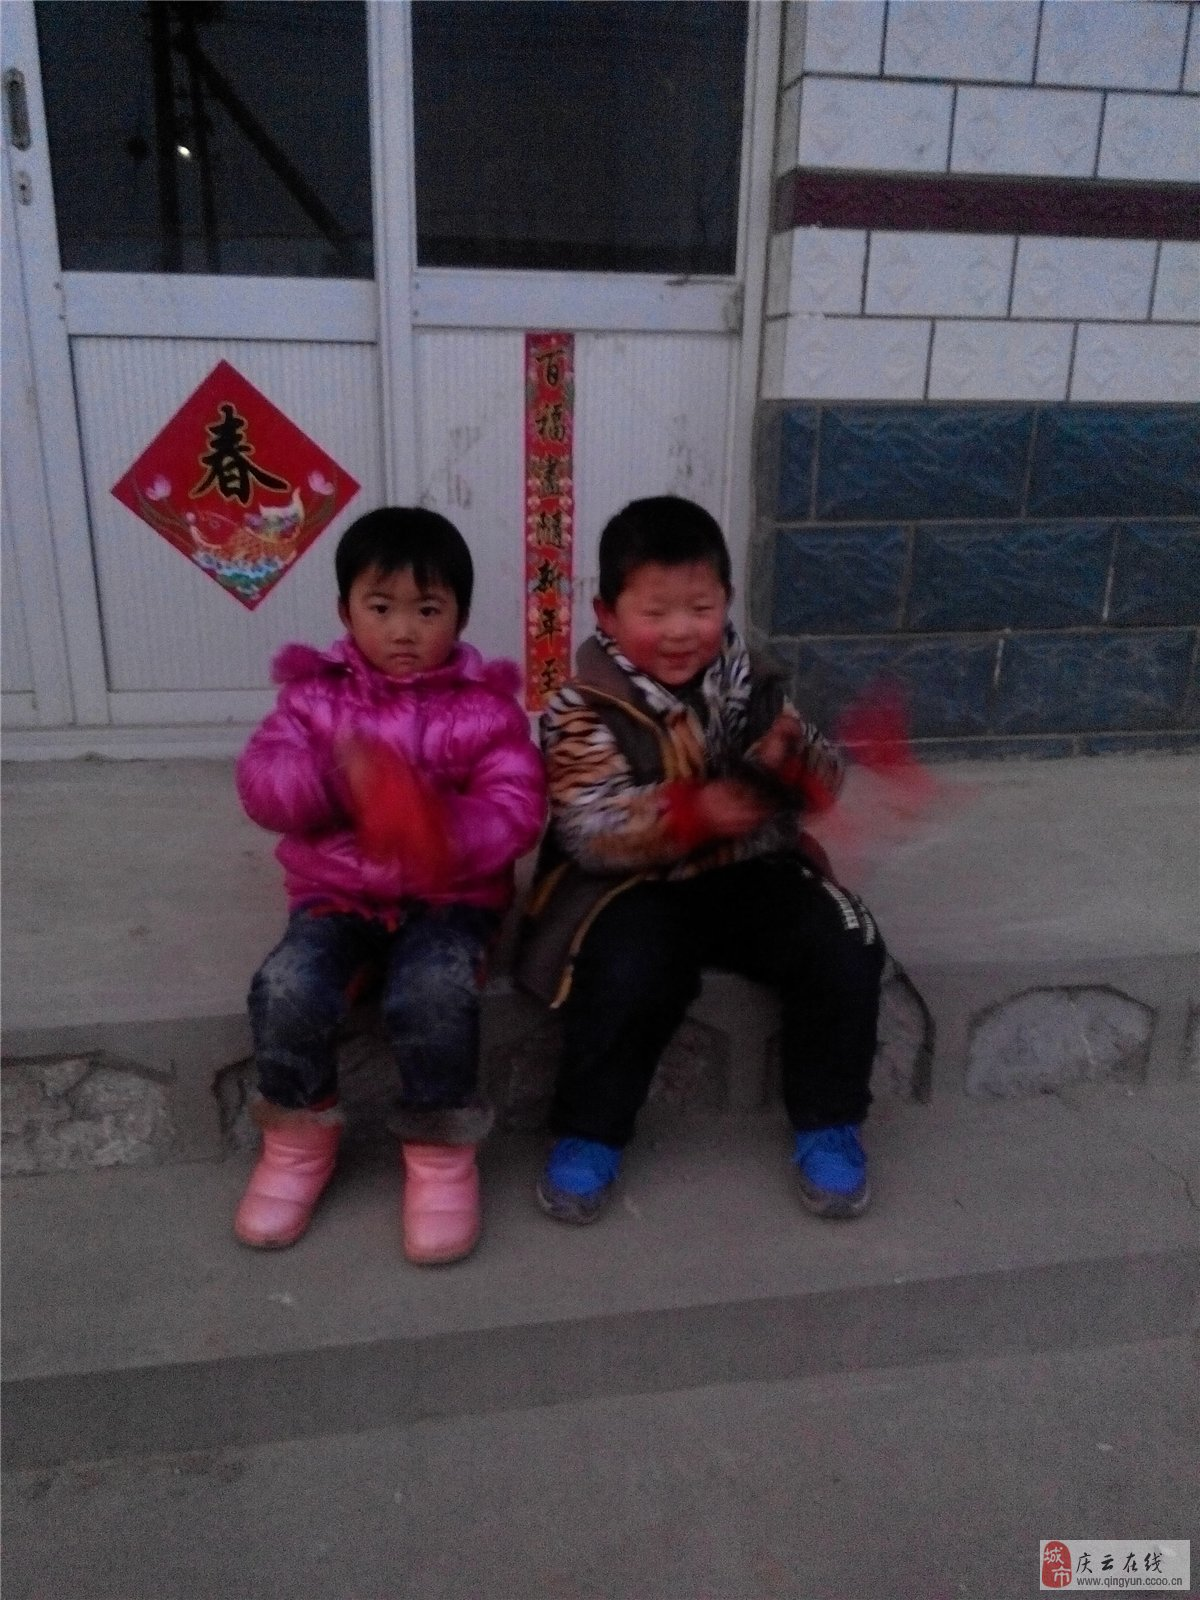 【图片】农村一对小孩子正十五闹元宵